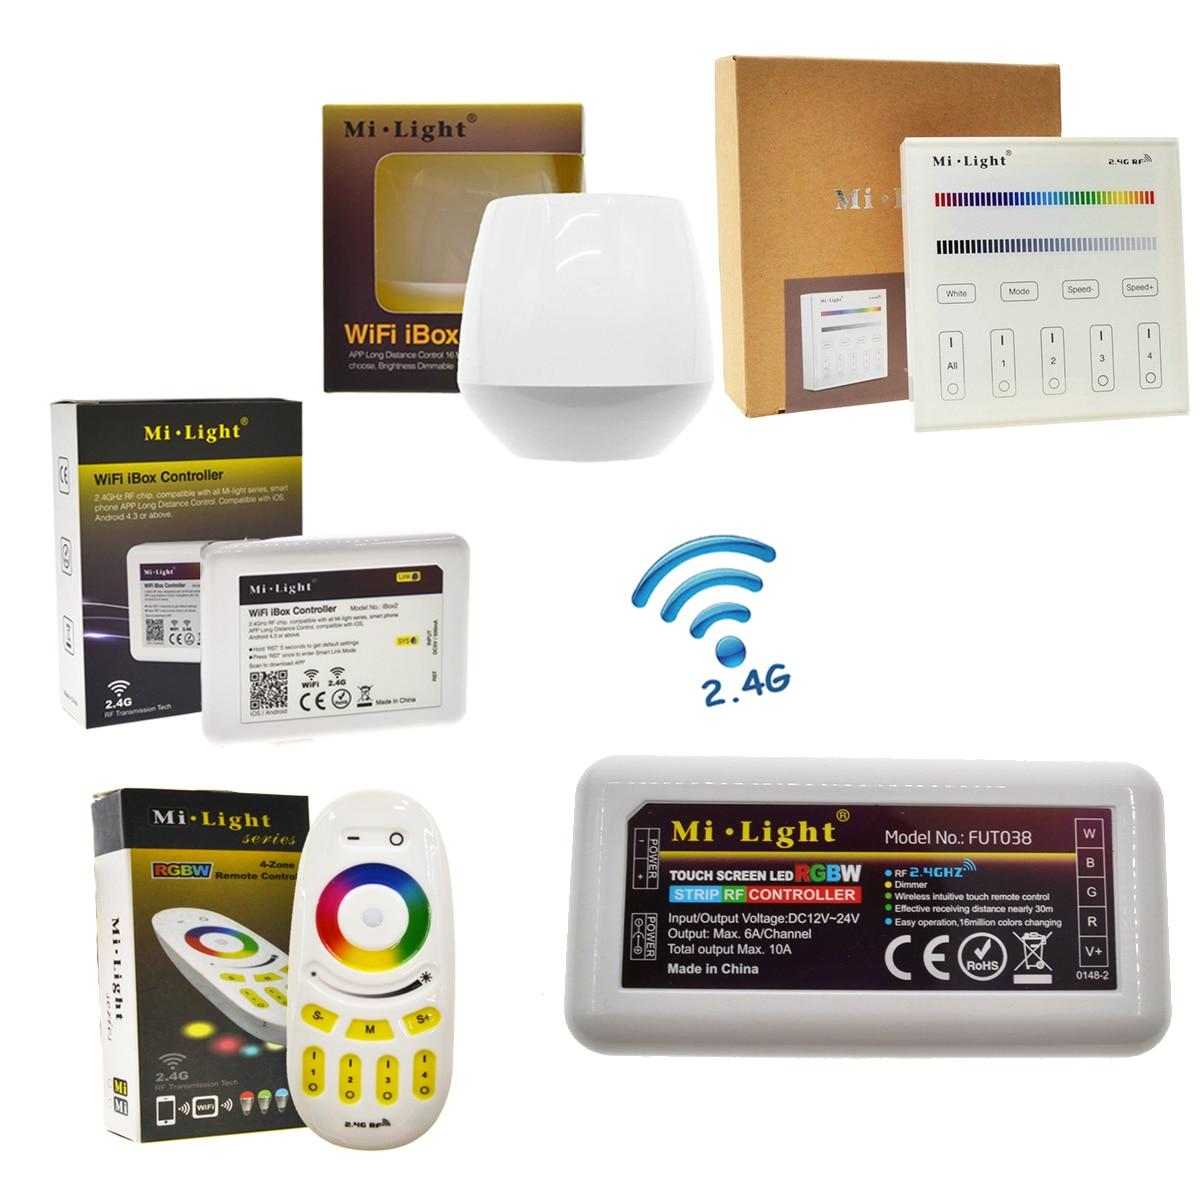 Mi Light RGBW LED Controller RF 2.4G / Wifi Remote Control DC12-24V for RGB RGBW LED Strip